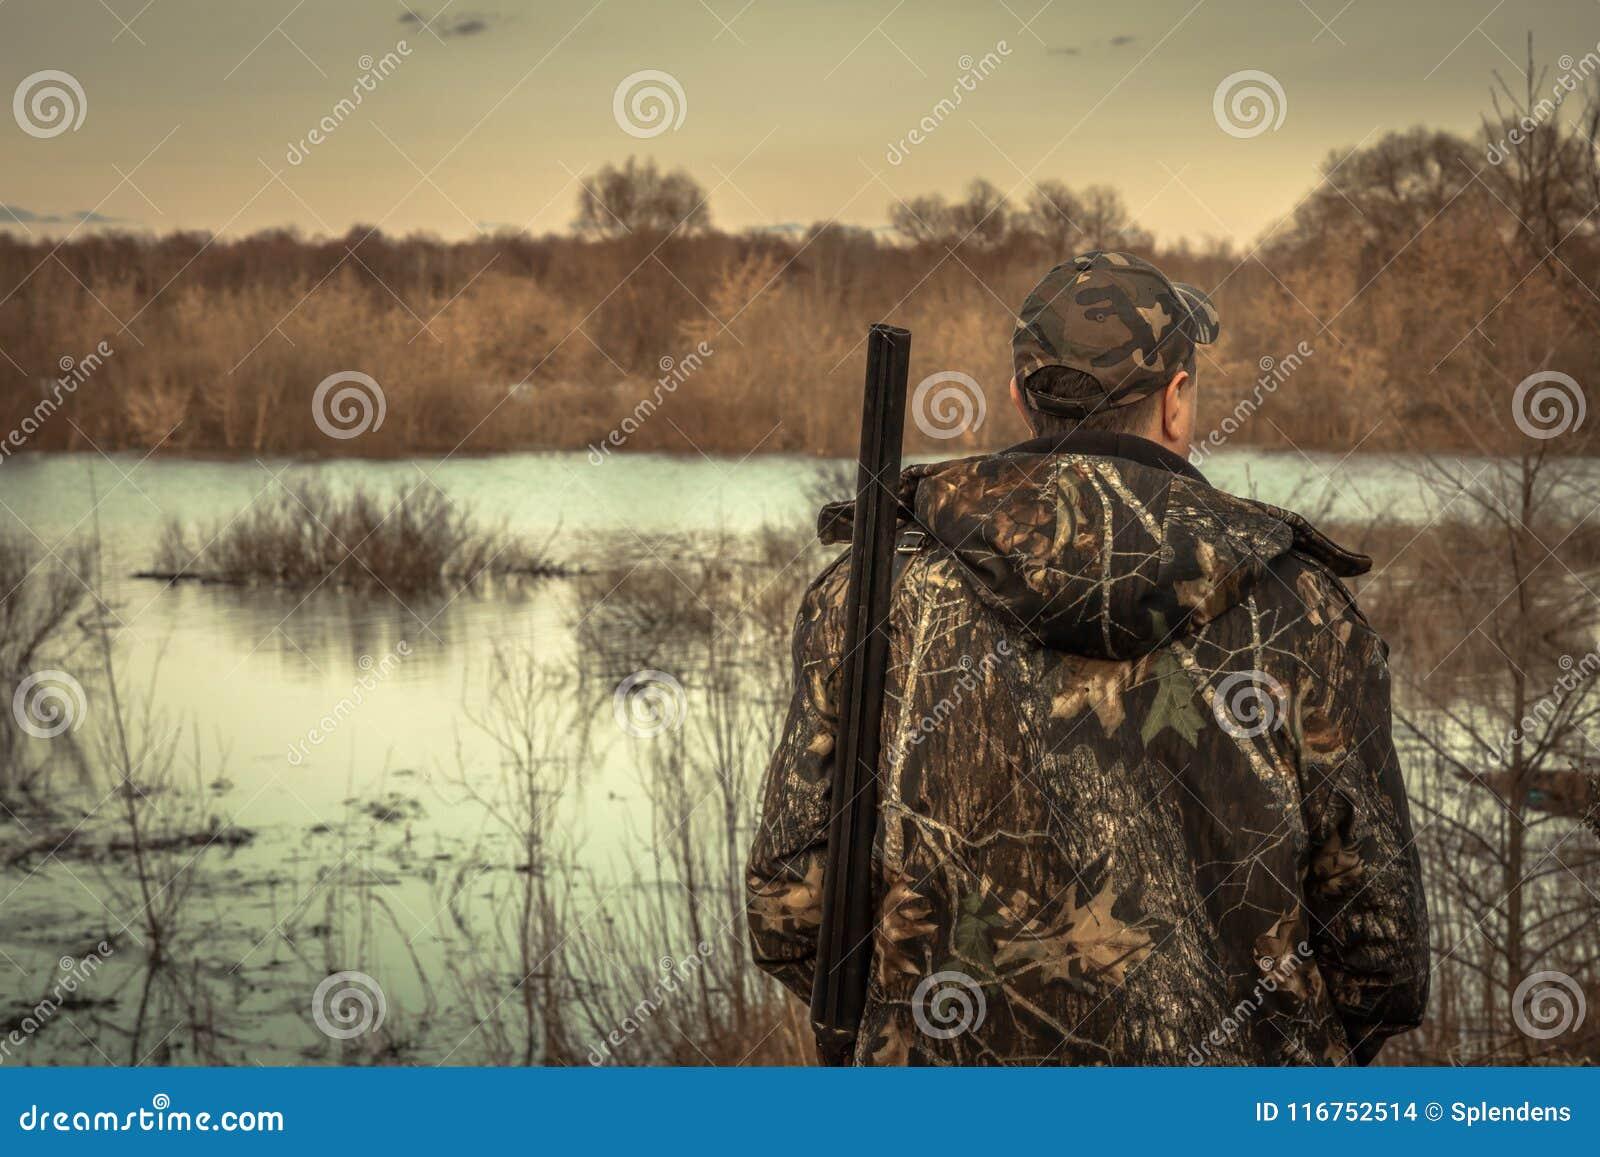 猎人人猎枪伪装探索的洪水河狩猎期背面图日落